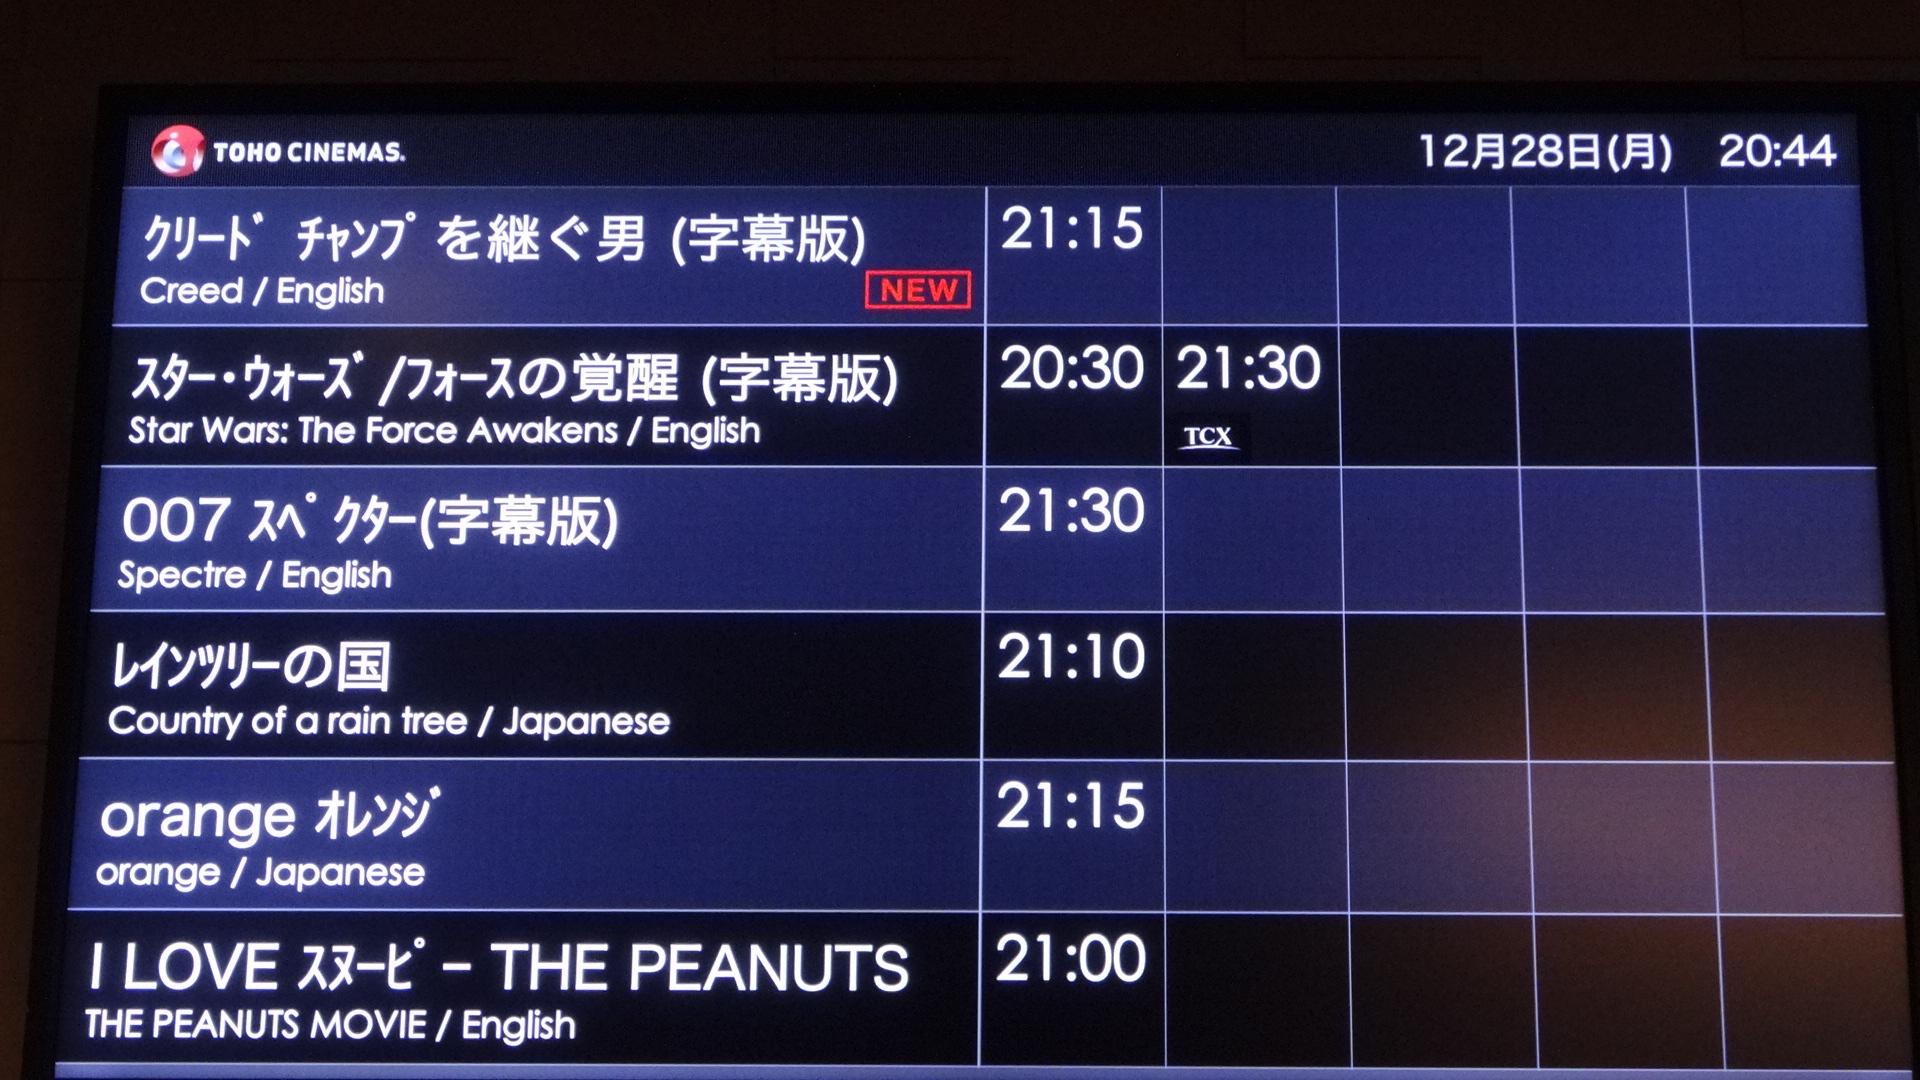 上映映画のスケジュール表